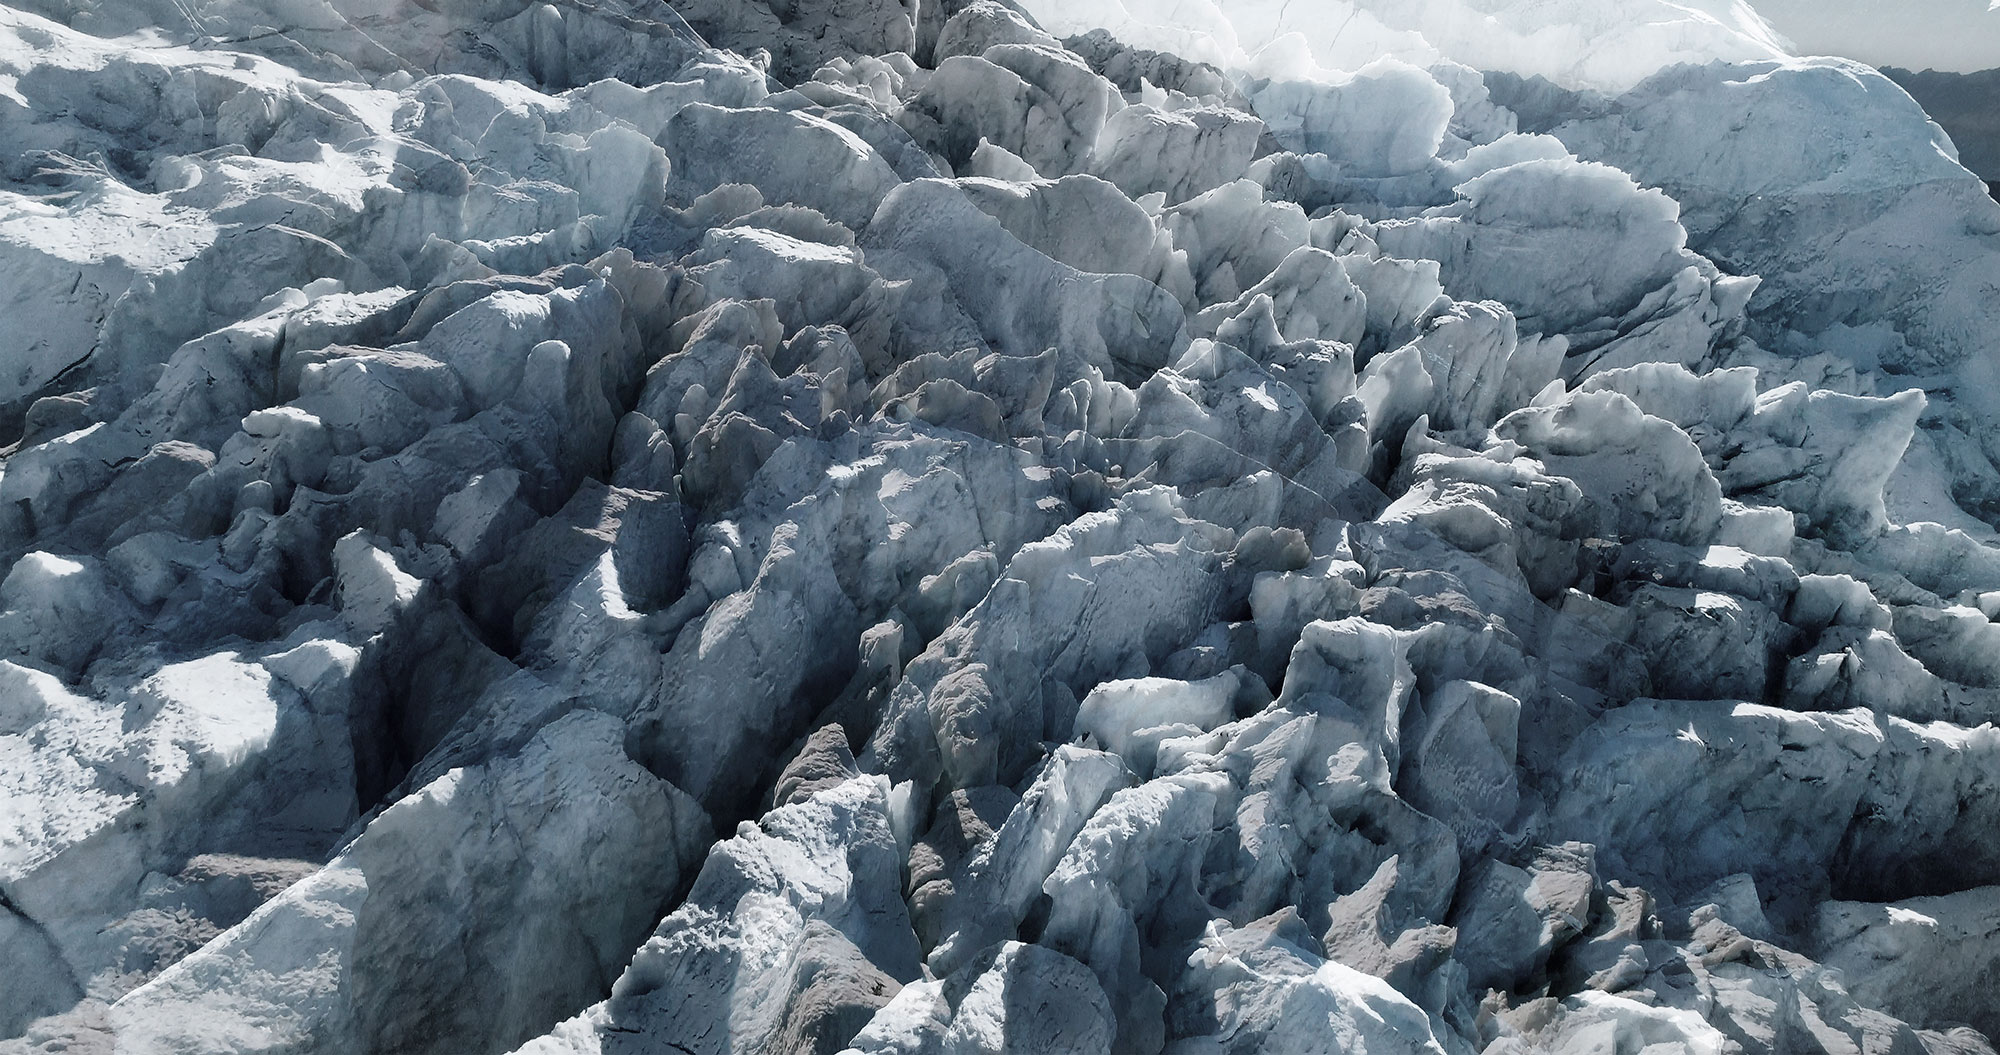 #83 Glaciers offset, 2017, photographie reconstruite à partir de bandes videos, réalisées sur le glaciers des Bossons